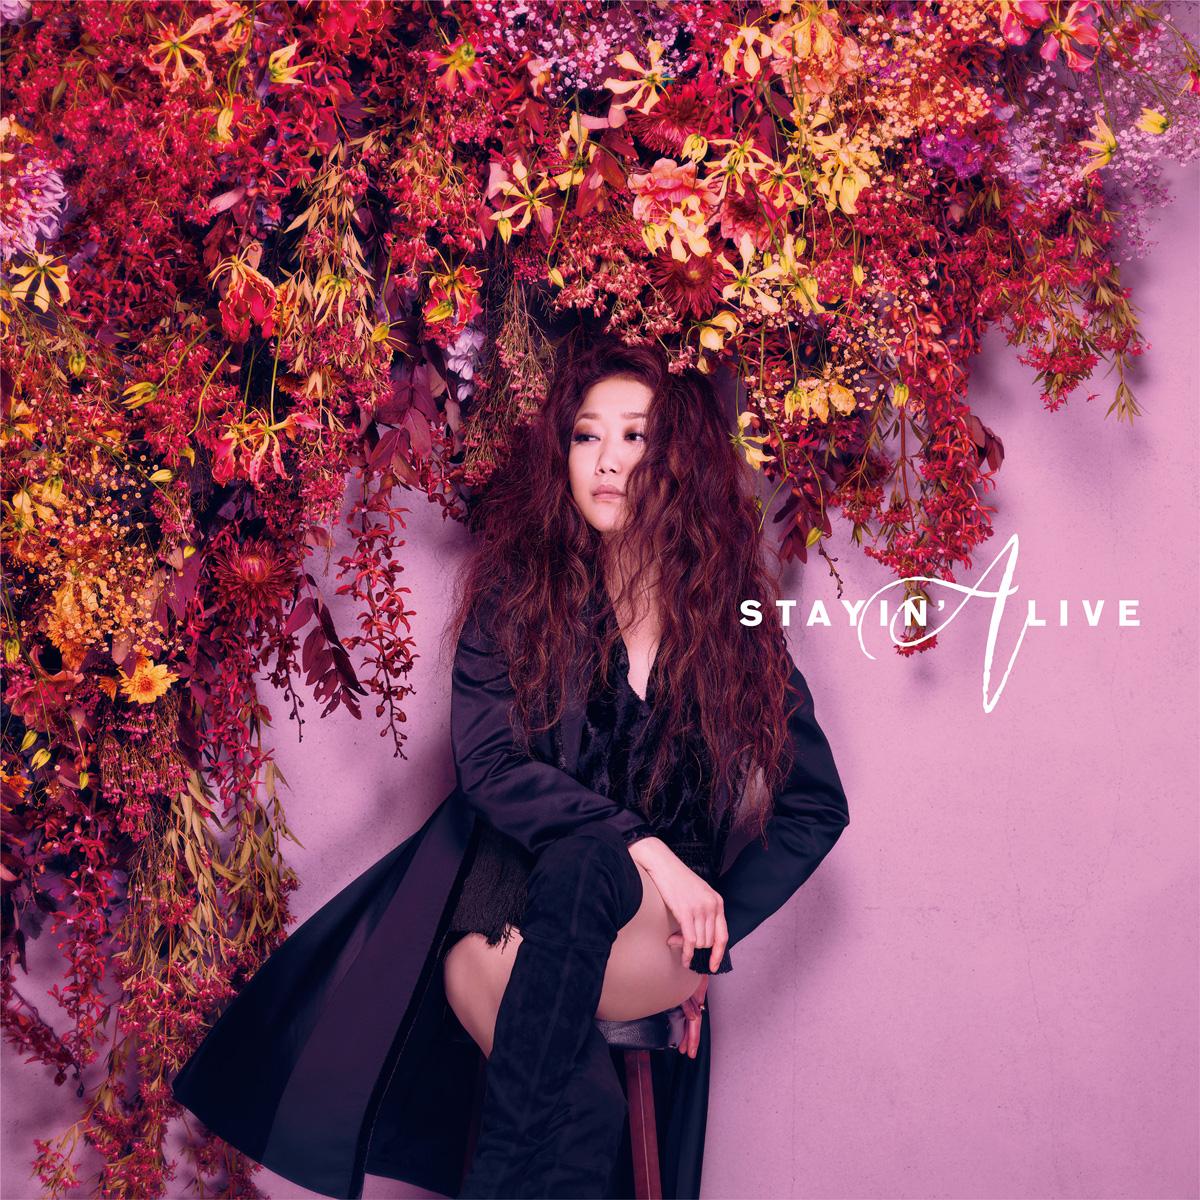 JUJU、2020年最初のシングル「STAYIN' ALIVE」J-WAVEで独占オンエア(コメントあり)